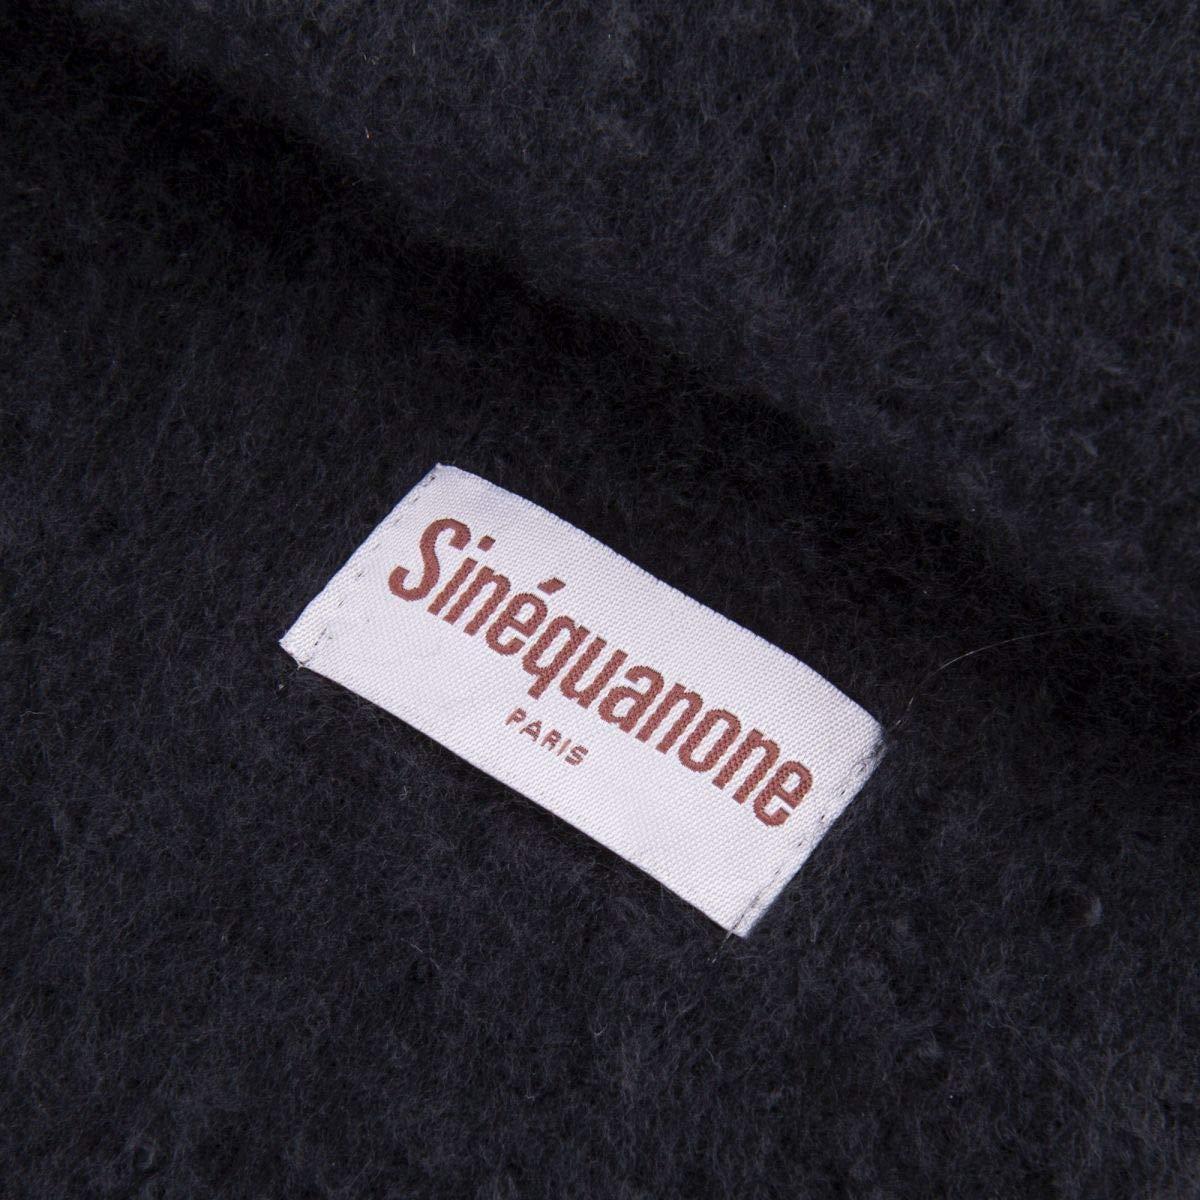 51dc4c28300 Sinéquanone Écharpe 50X190 cm Satyana Femme NOIR - 190  Amazon.fr   Vêtements et accessoires